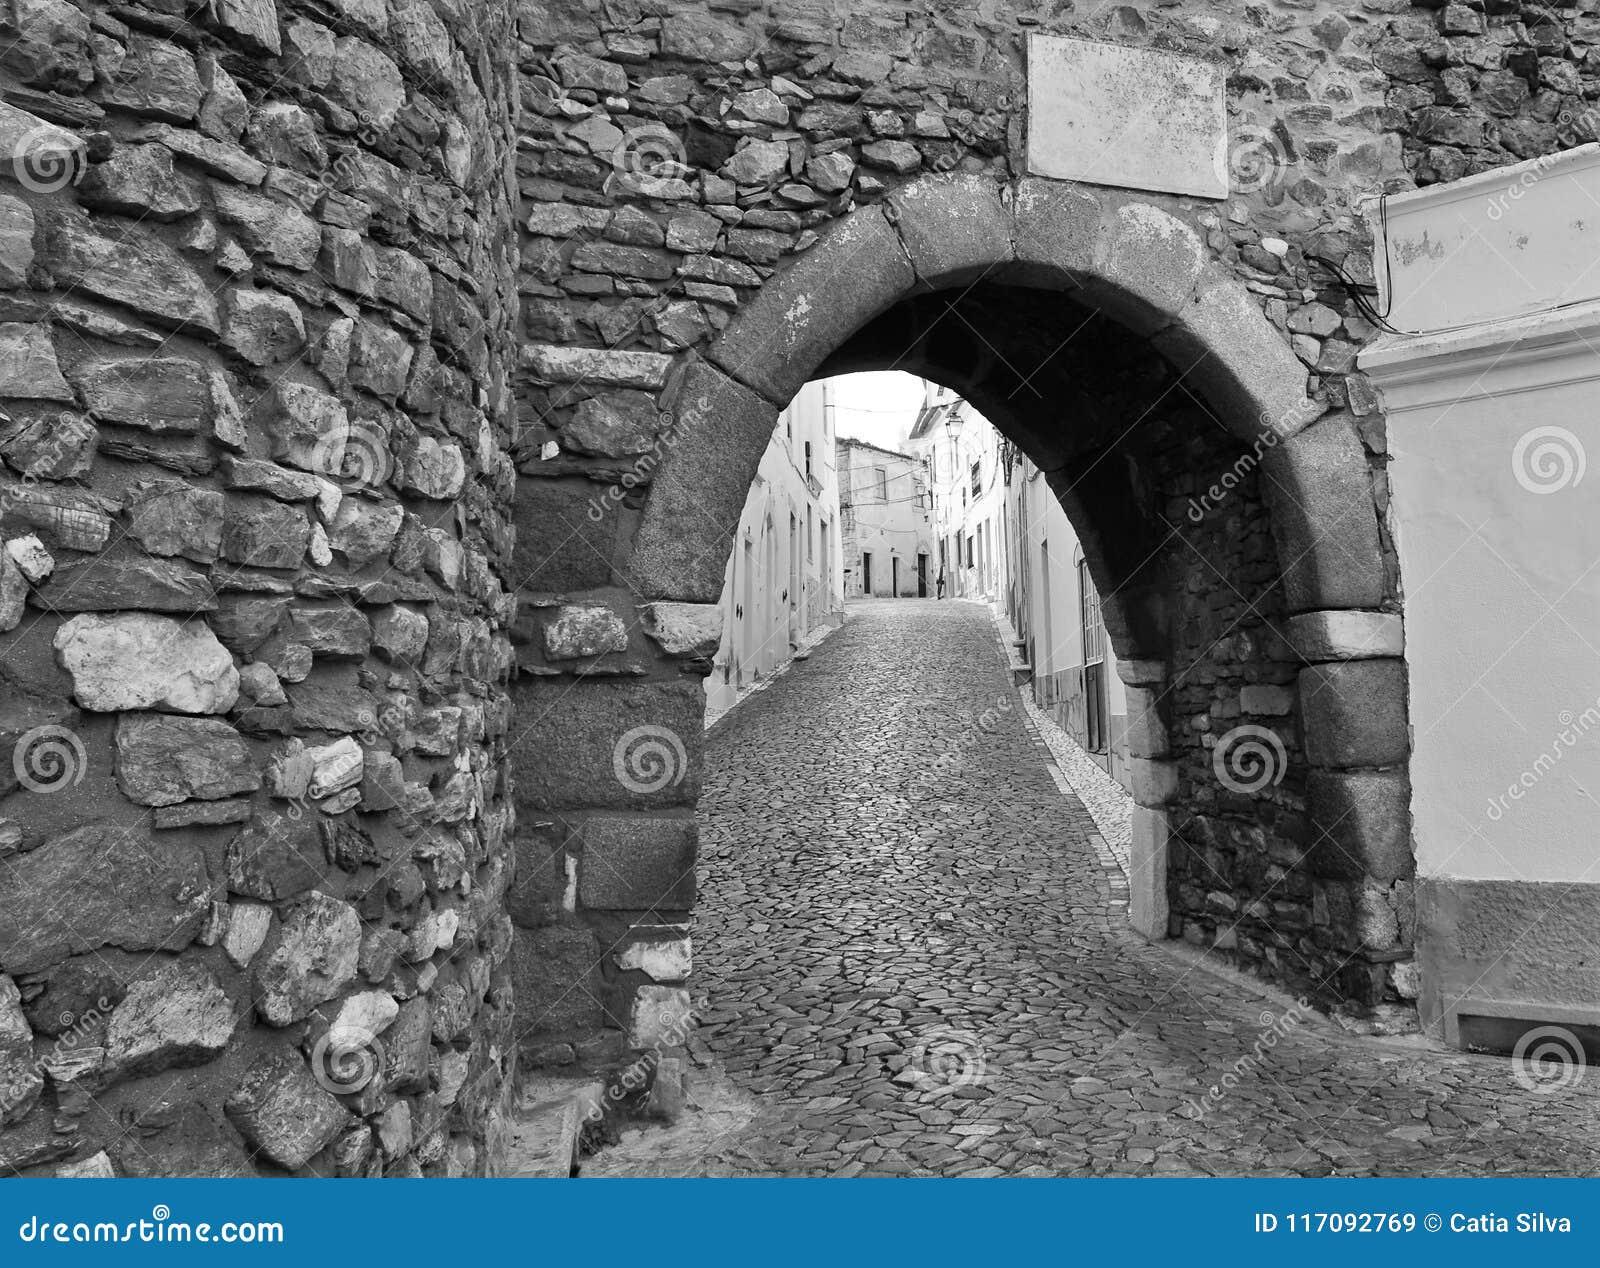 Entrée Noir Et Blanc une entrée au château et une rue étroite en noir et blanc